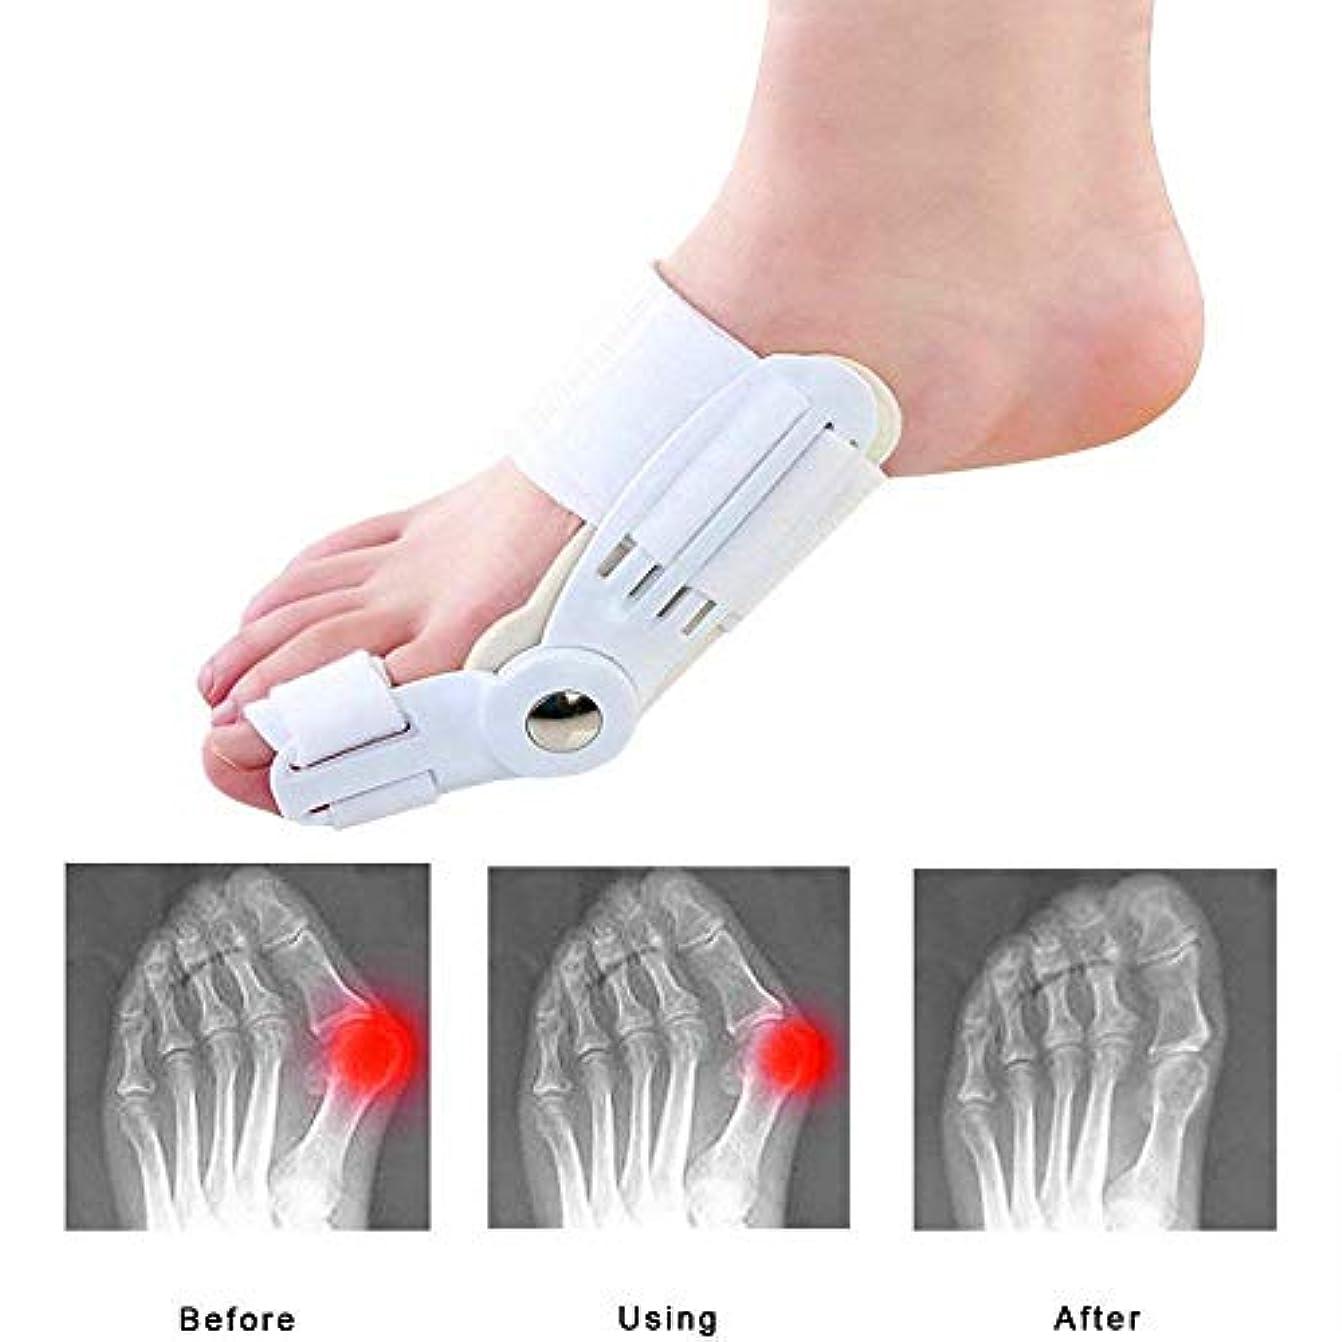 パイプ彼らのプレゼンターつま先のセパレーターと矯正、外反母A援助スプリント、痛みを軽減する腱膜瘤補正、ウォーキングトゥアライナー2 PCSを毎日使用